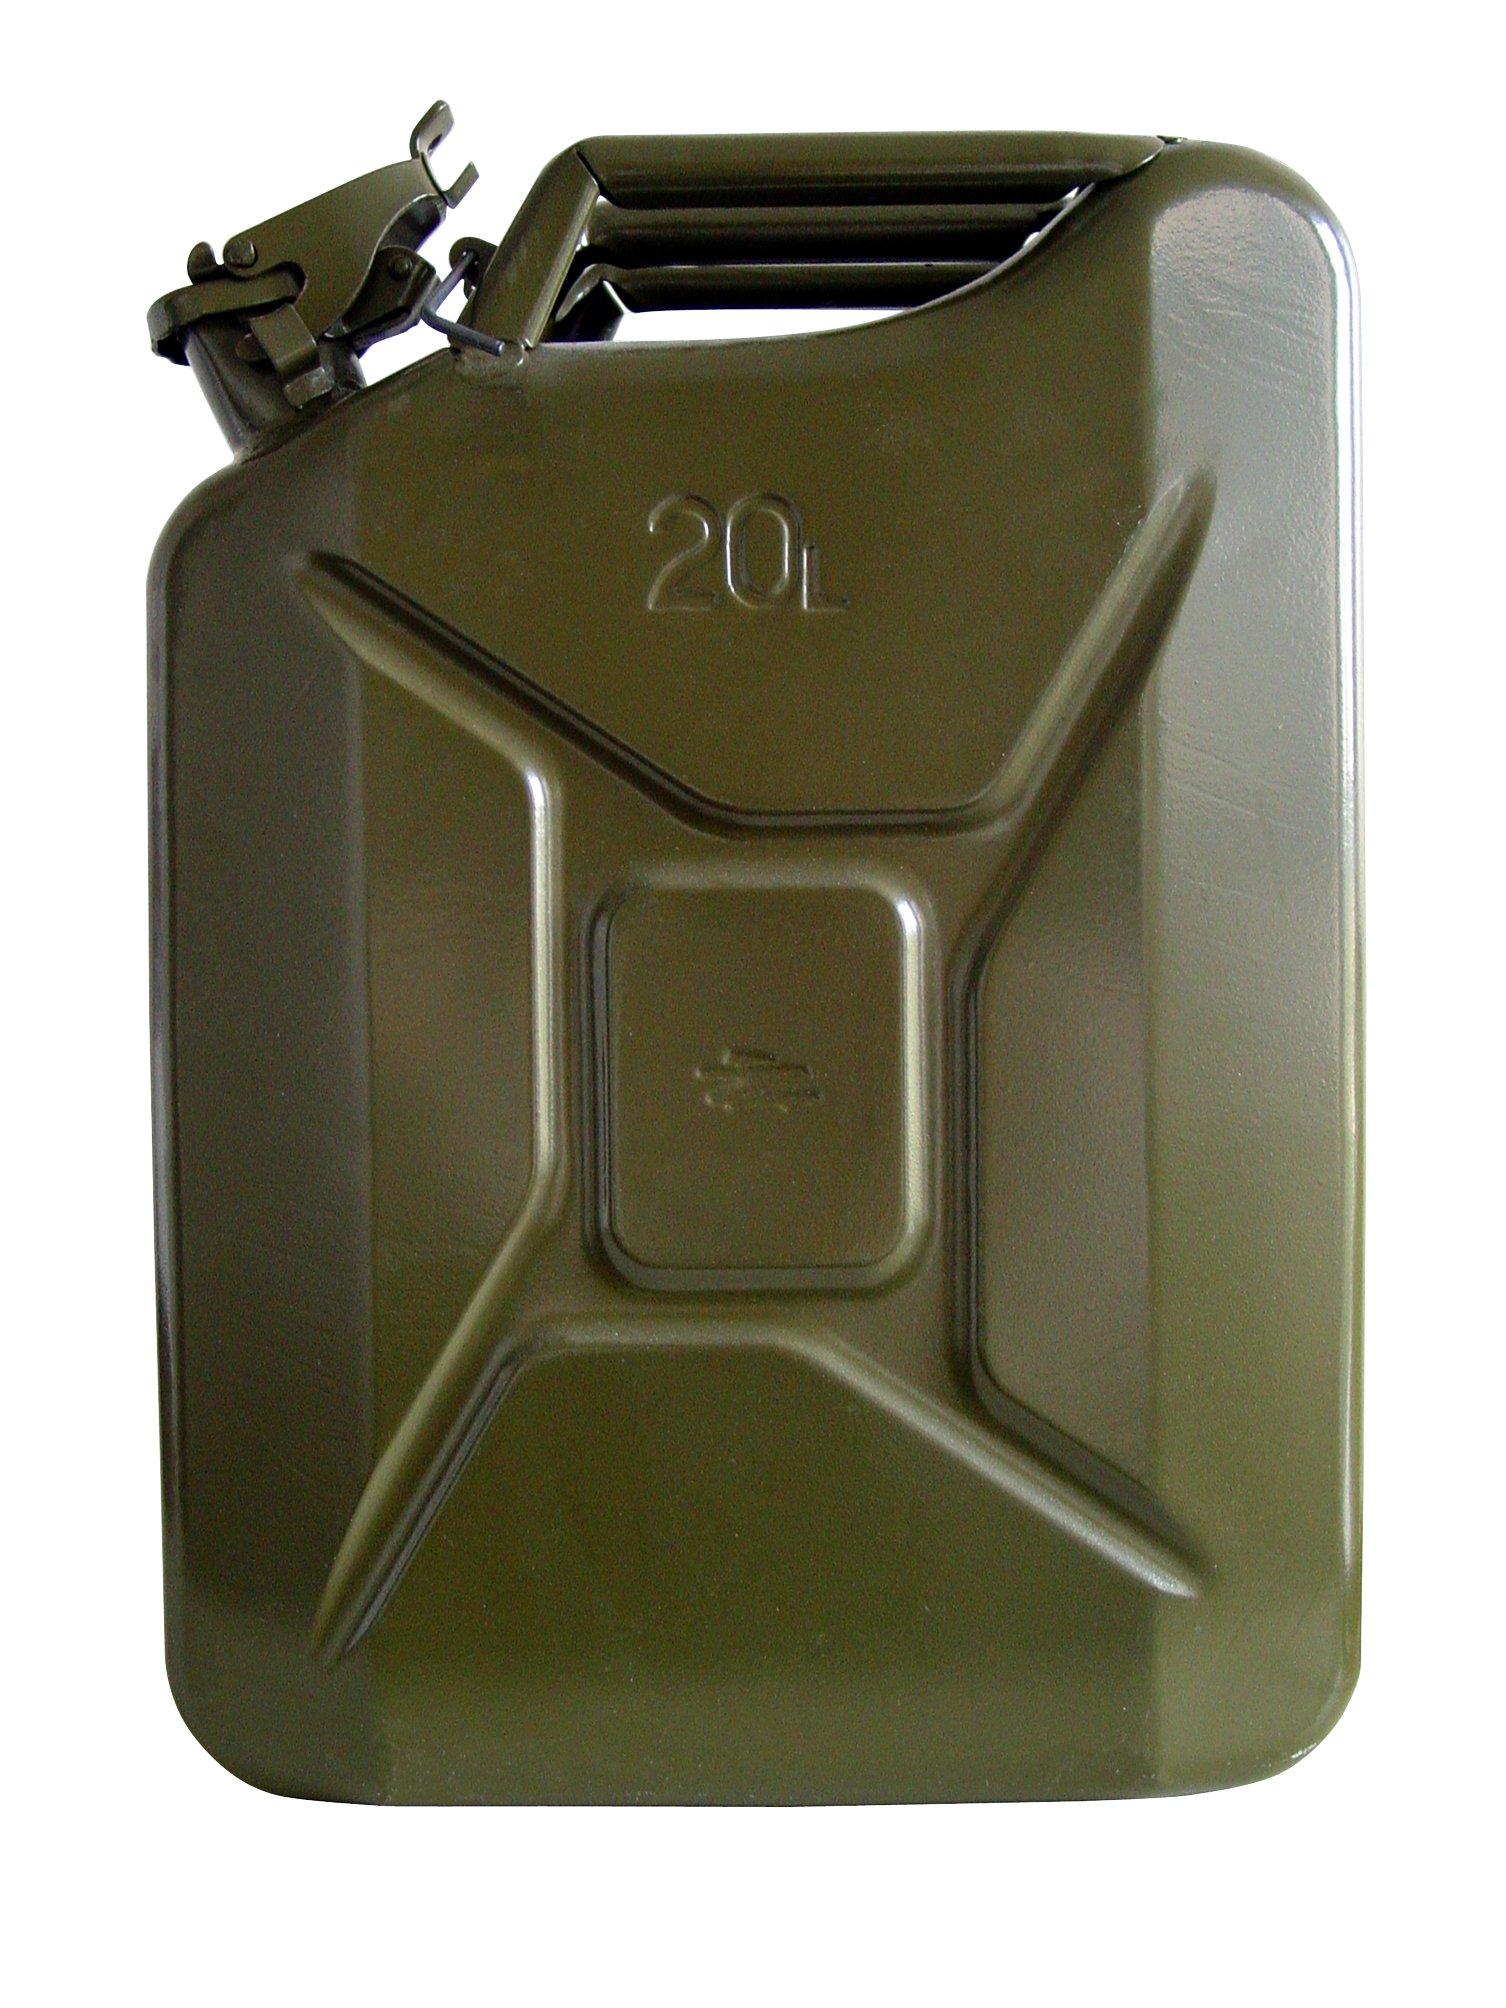 Unitec 73855 - Bidón de gasolina (20 litros, chapa de acero) product image